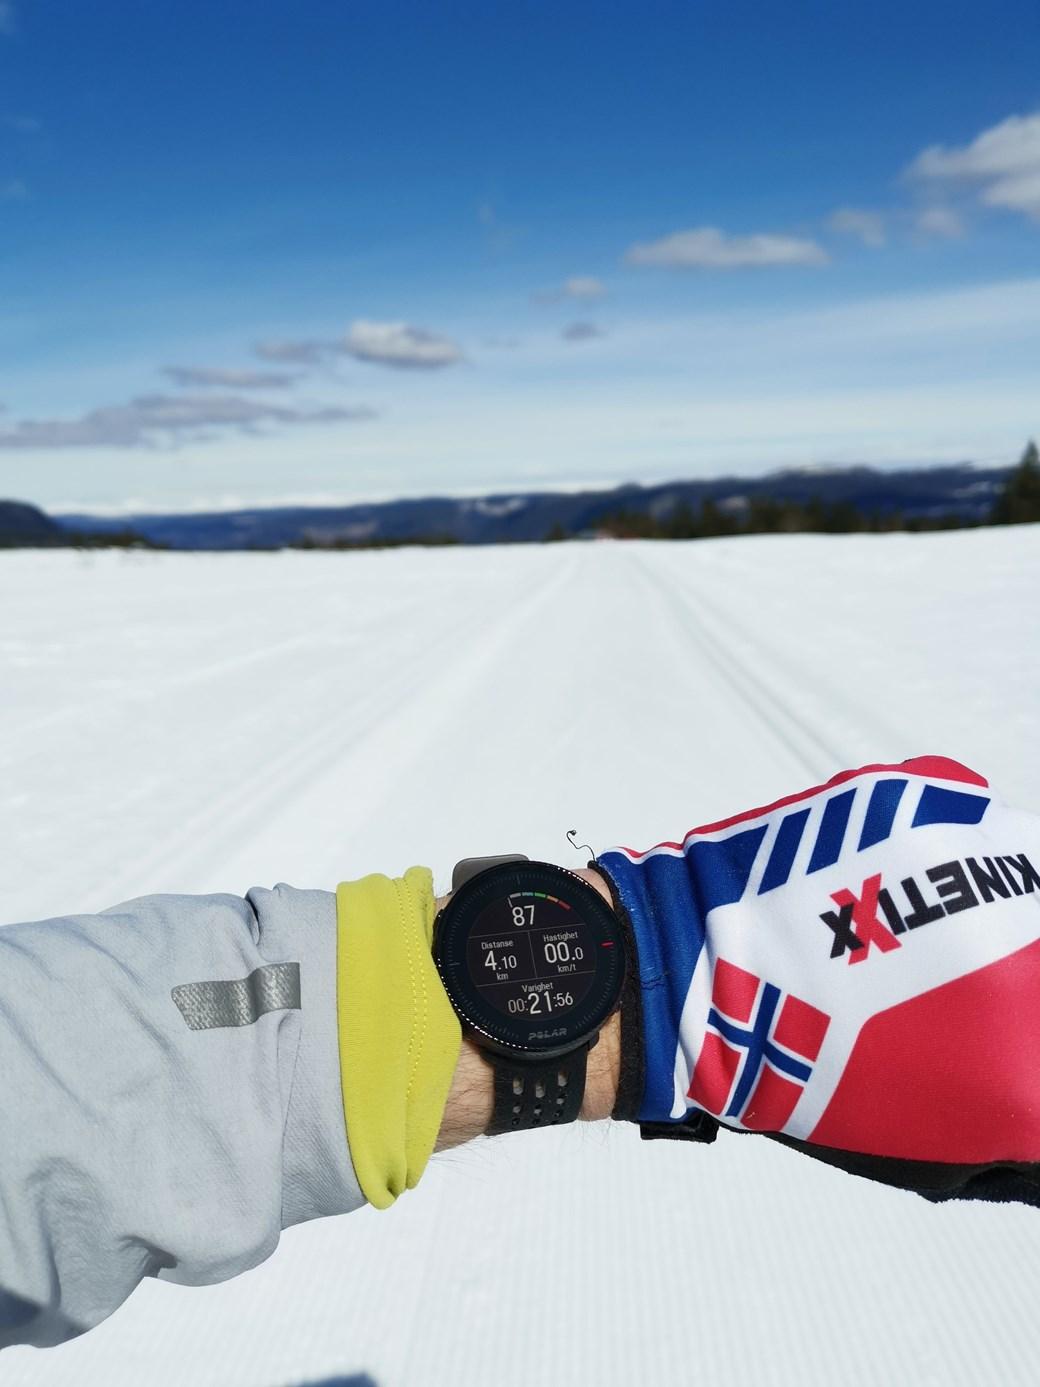 Vantage M2_ski.jpg